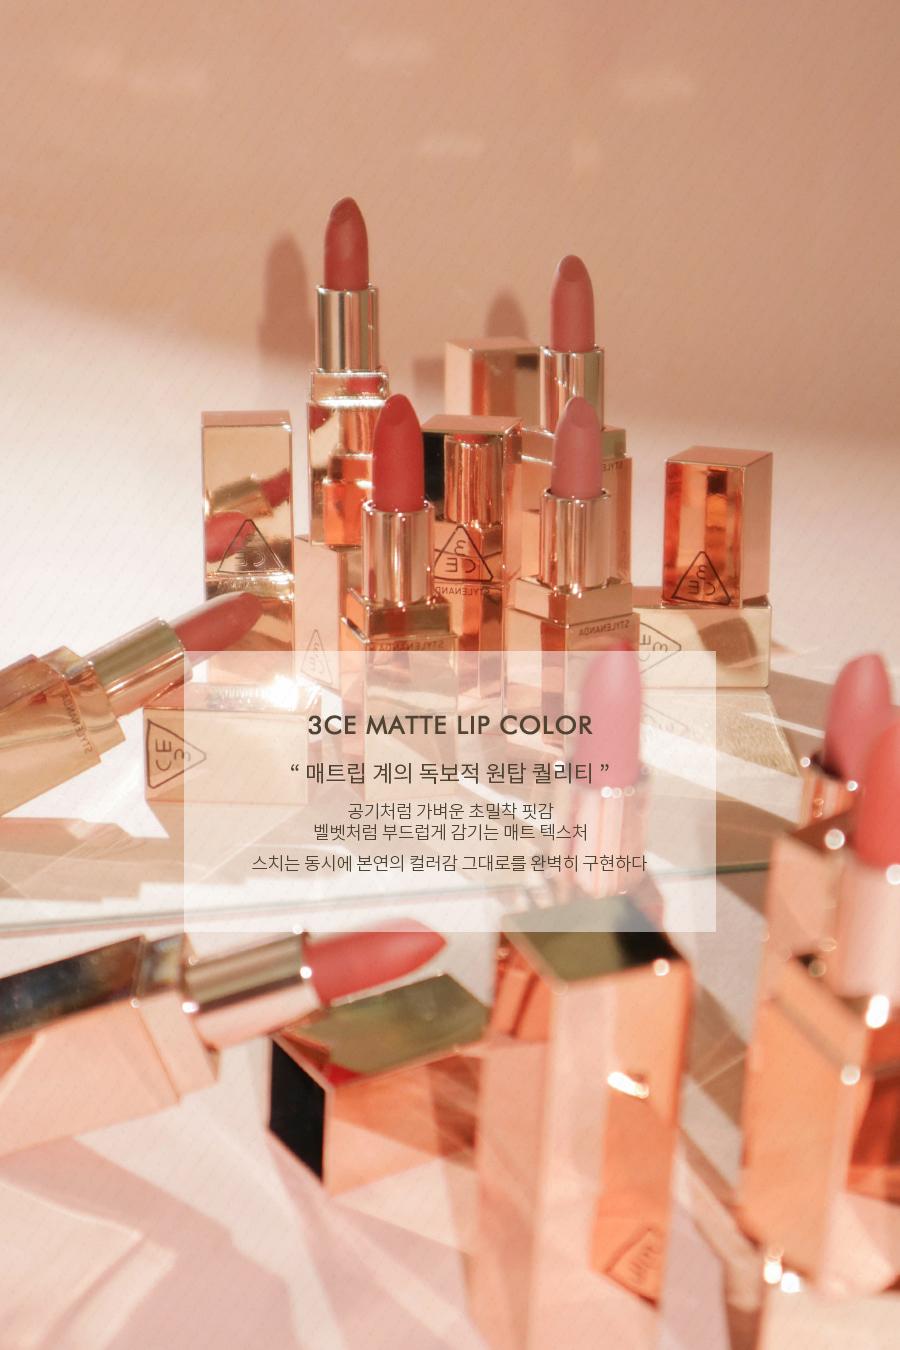 Son 3CE Matte Lip Color Vỏ Vàng #226 #227 #228